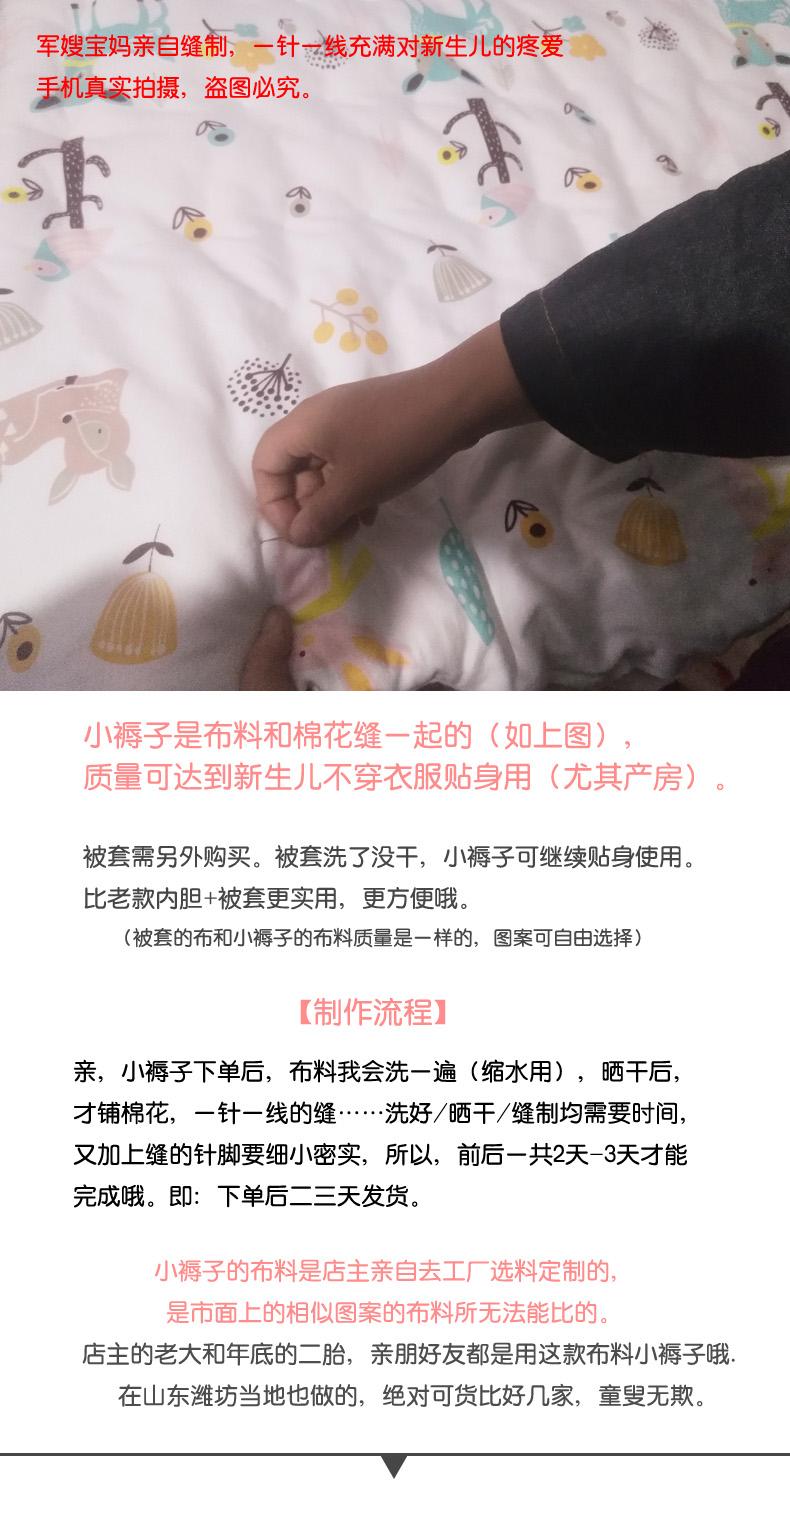 新生婴儿抱被纯棉初生宝宝外出手工小褥子秋冬加厚棉花被婴童用品详细照片